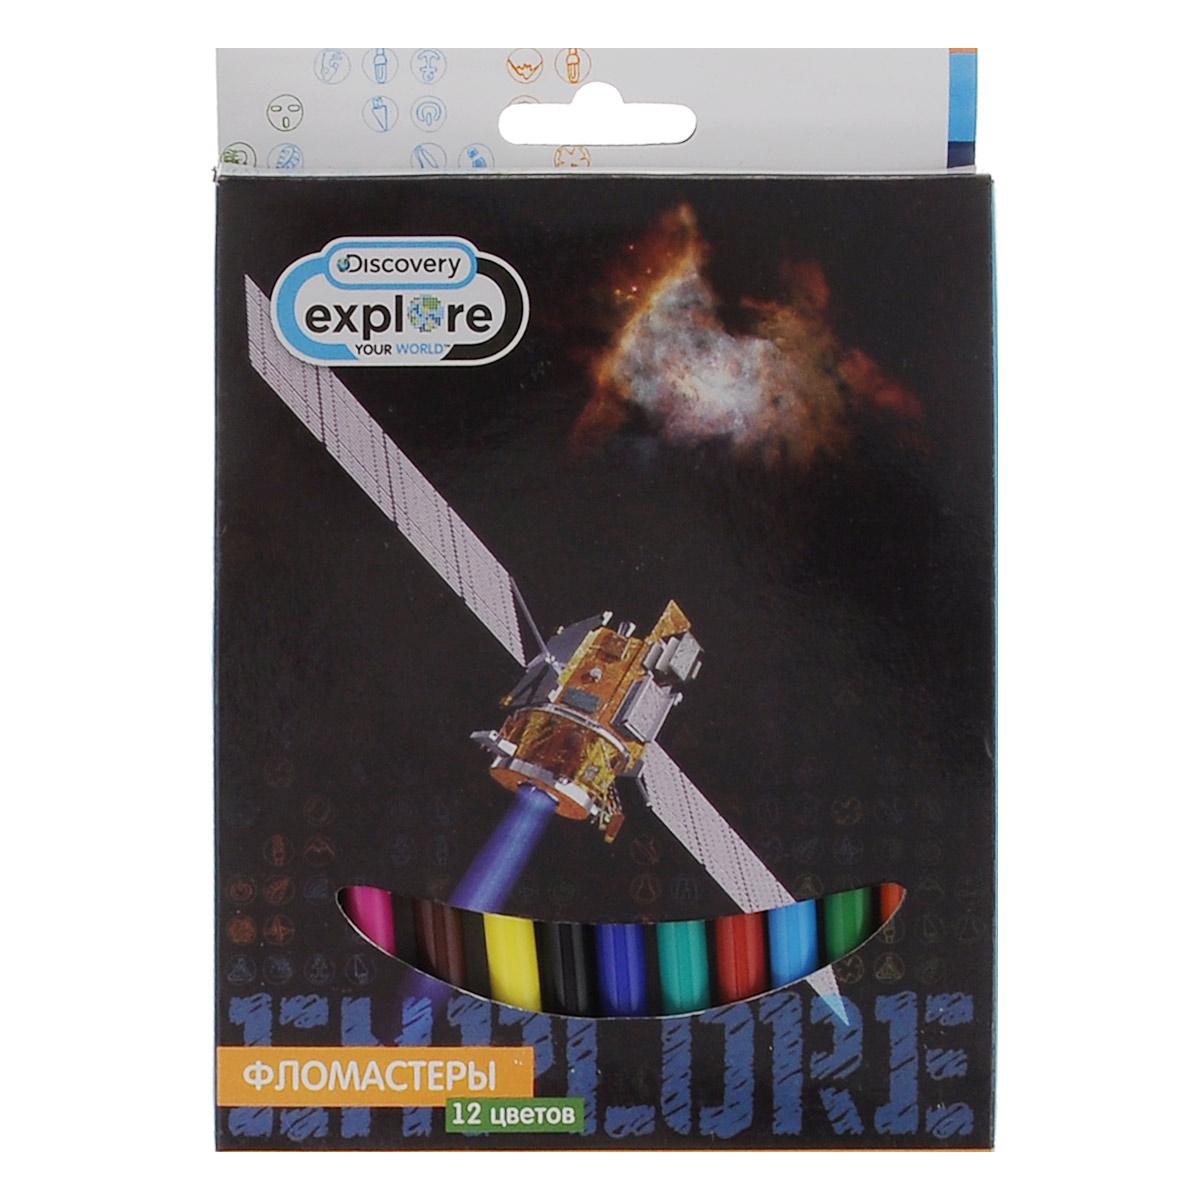 Фломастеры Action Discovery, 12 цветовFS-36052Фломастеры Discovery, предназначенные для рисования и раскрашивания, помогут вашему малышу создать неповторимые яркие картинки. Набор включает в себя 12 фломастеров ярких насыщенных цветов в разноцветных корпусах. Специальные чернила на водной основе легко смываются с кожи и отстирываются с большинства тканей. Корпус фломастеров изготовлен из полипропилена, а колпачок имеет специальные прорези, что обеспечивает вентилирование, еще больше увеличивает срок службы чернил и предотвращает их преждевременное высыхание. Не требуют особых условий хранения.Товар предназначен для детей старше трех лет.